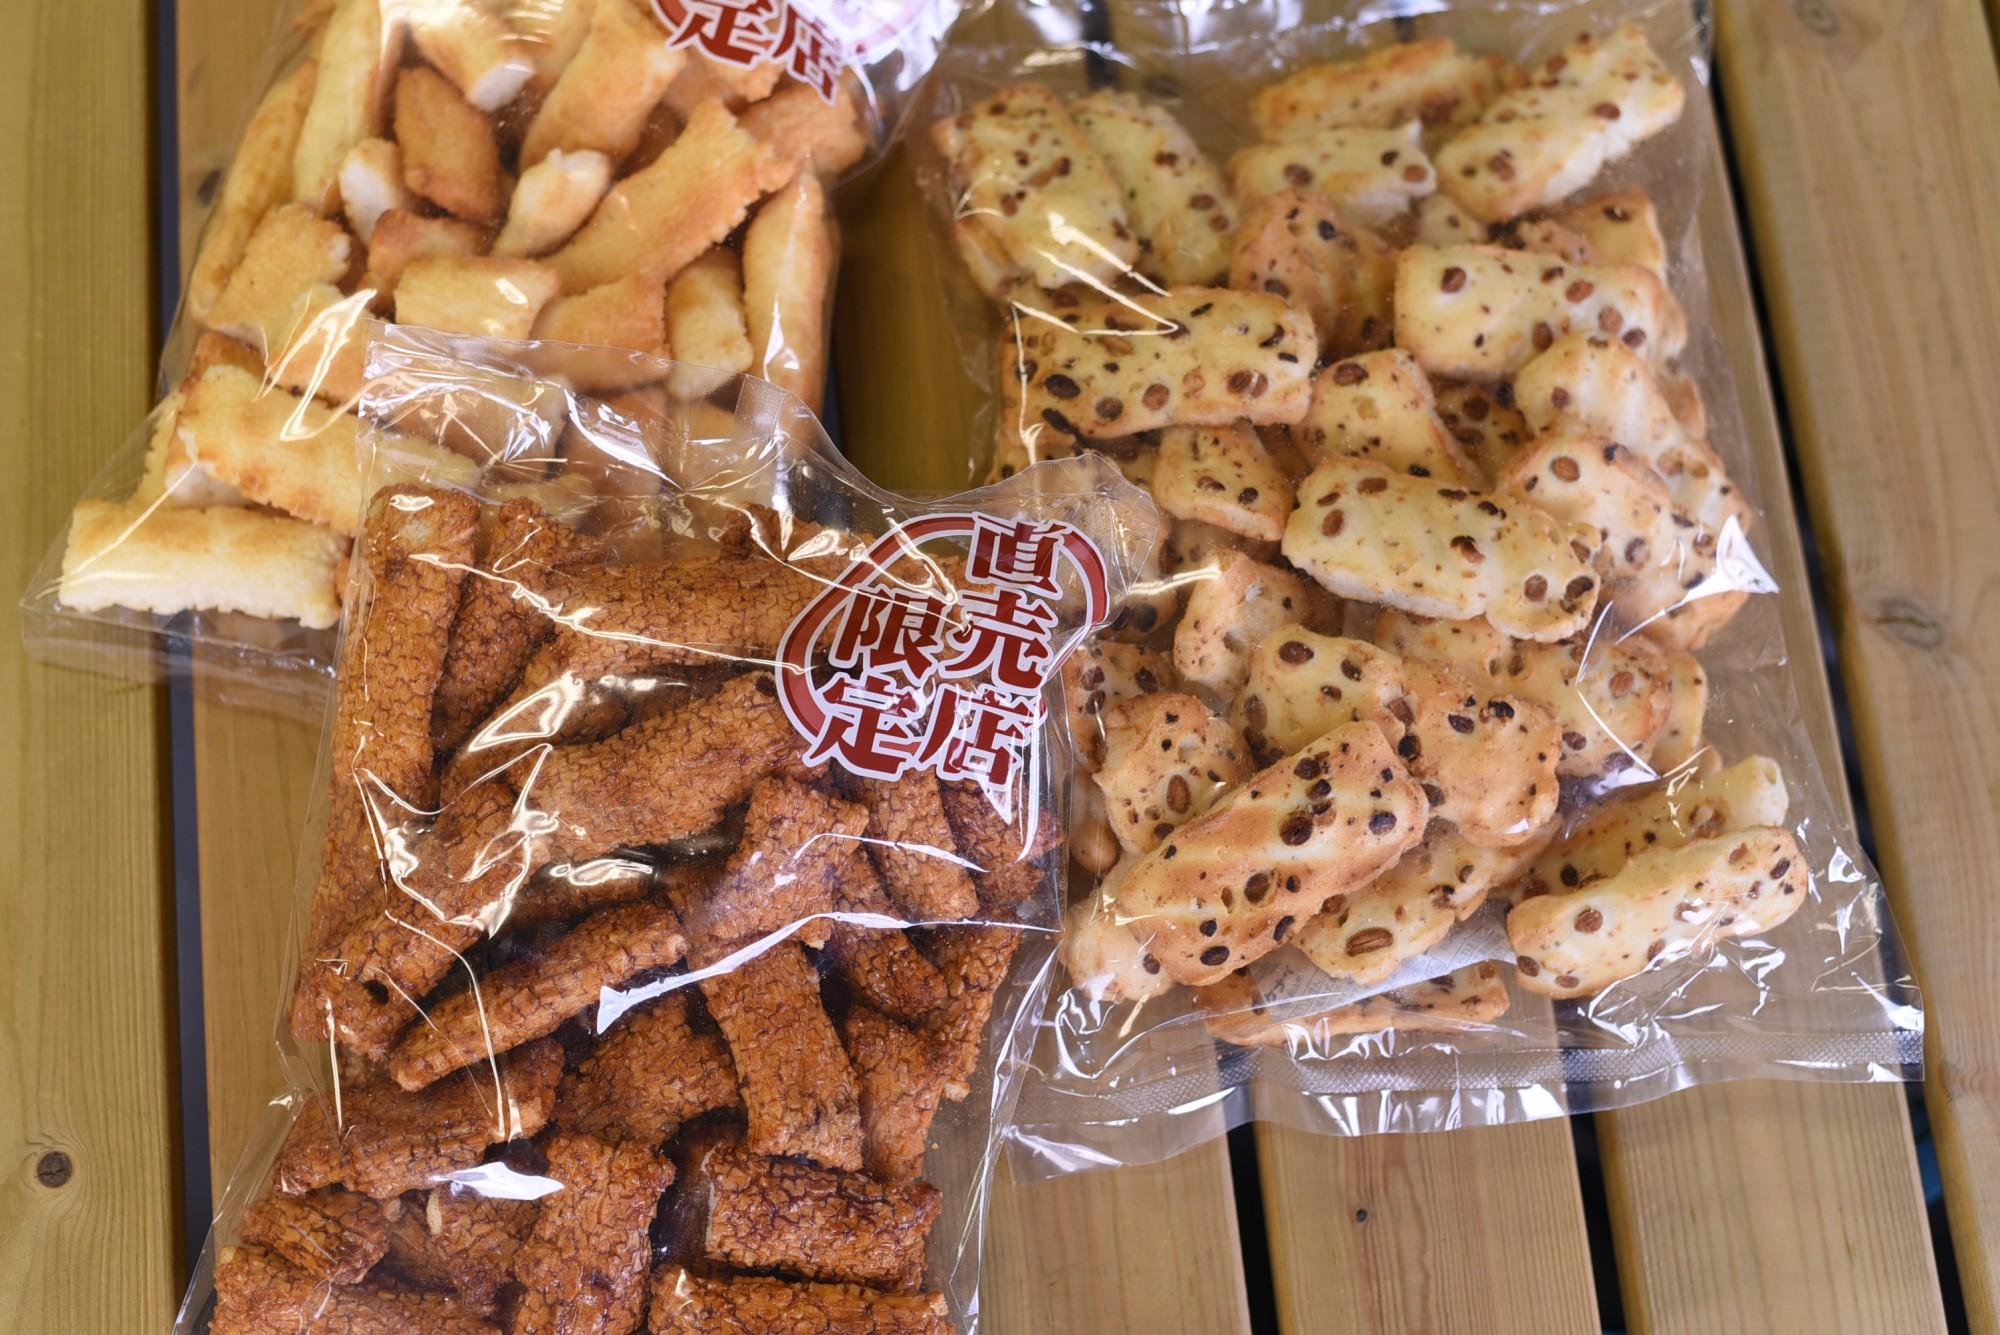 田舎のおかき醤油味(左下)、田舎のおかきしお味(左上)、大袖振豆もち(右)各302円